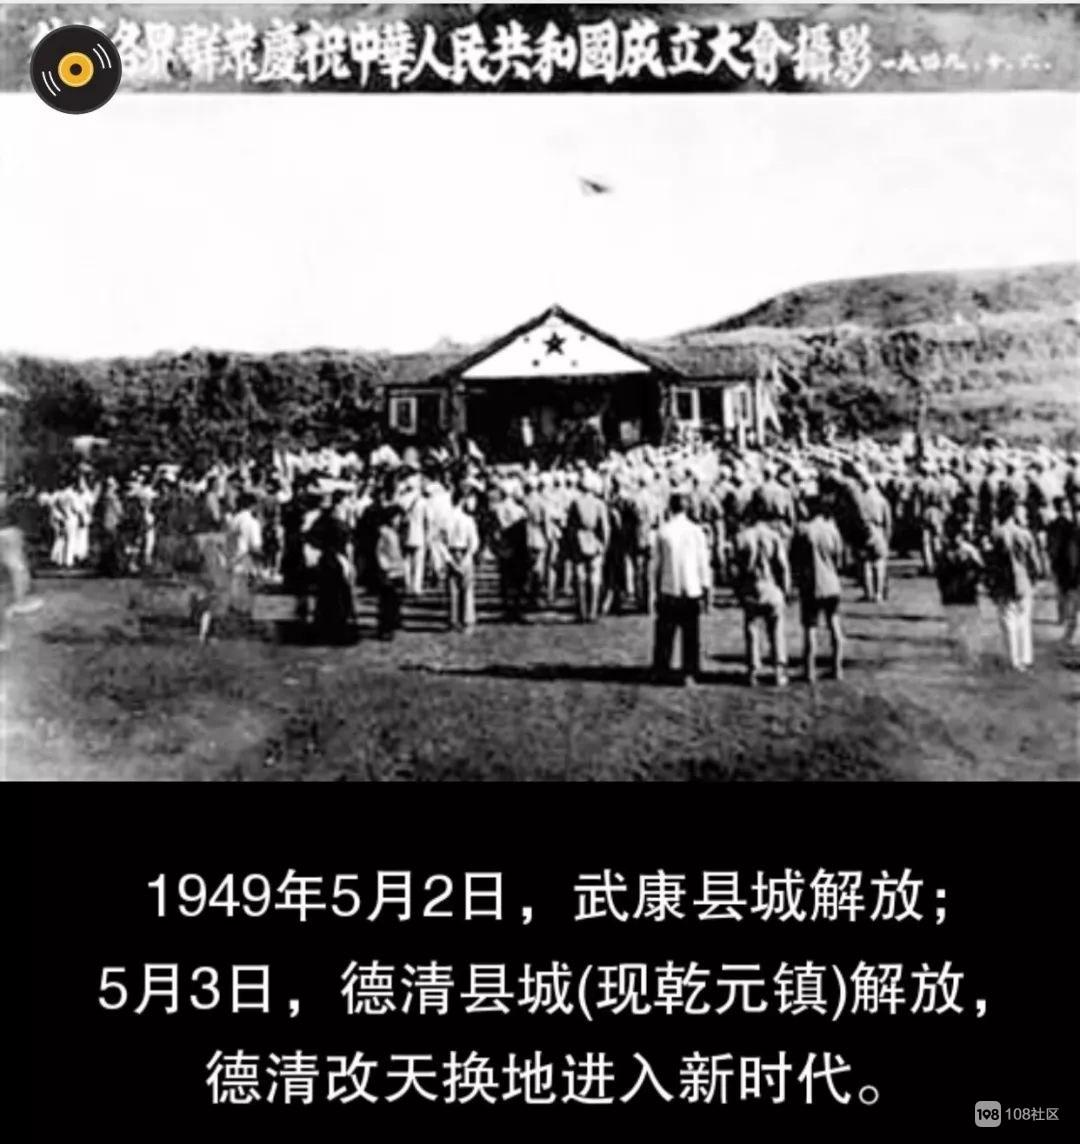 5月2日是全德清重要的日子!你知道70年前发生什么吗?